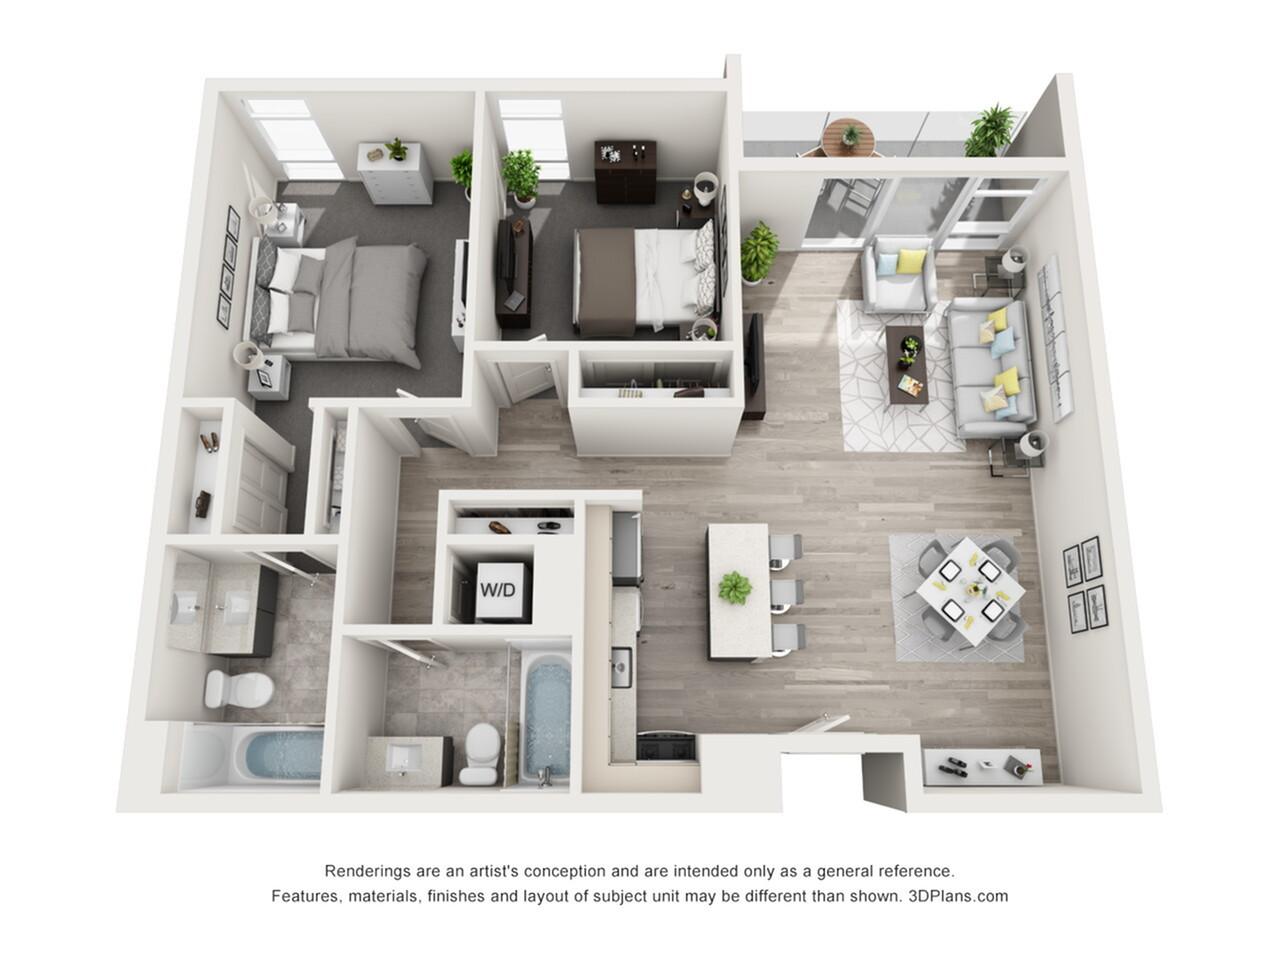 Plano de apartamento con 2 recámaras y 2 baños con tina